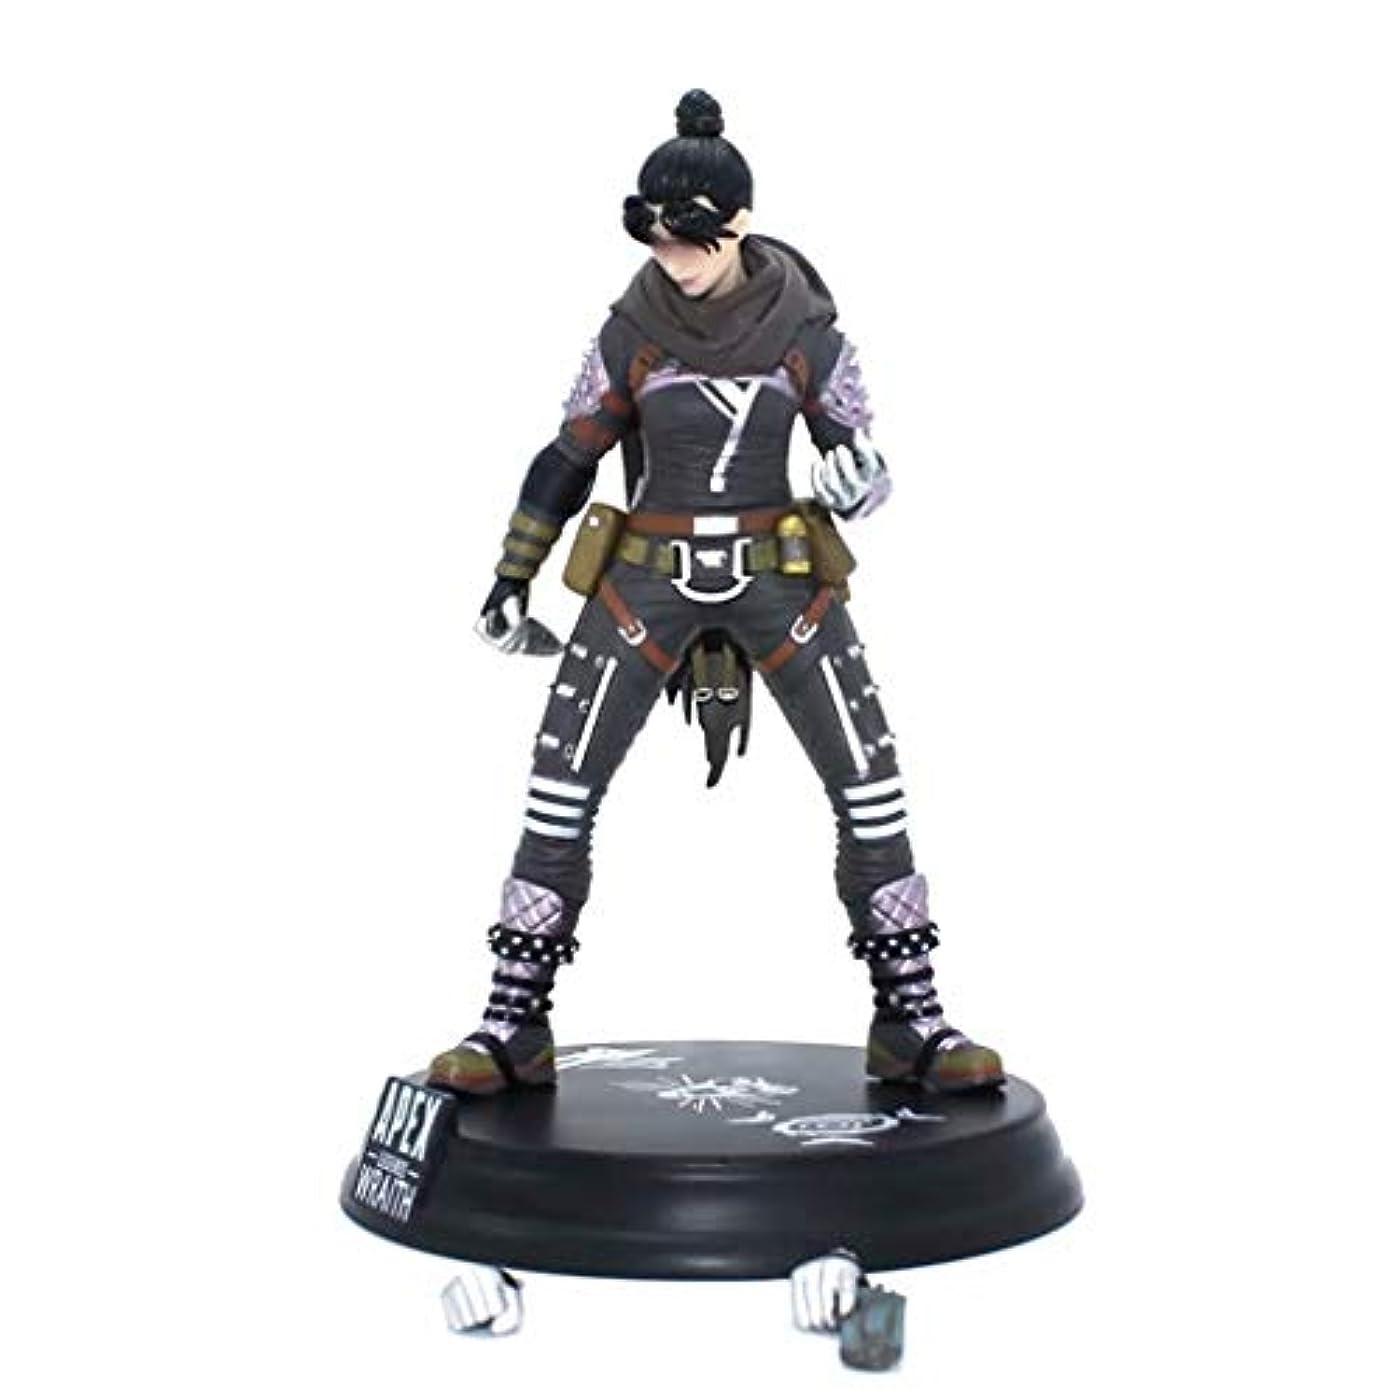 細心の貼り直す秘密のゲームモデル、PVC製子供のおもちゃコレクションの像、デスクトップの装飾的なおもちゃ像のおもちゃのモデル、APEXのヒーロー(24cm) SHWSM